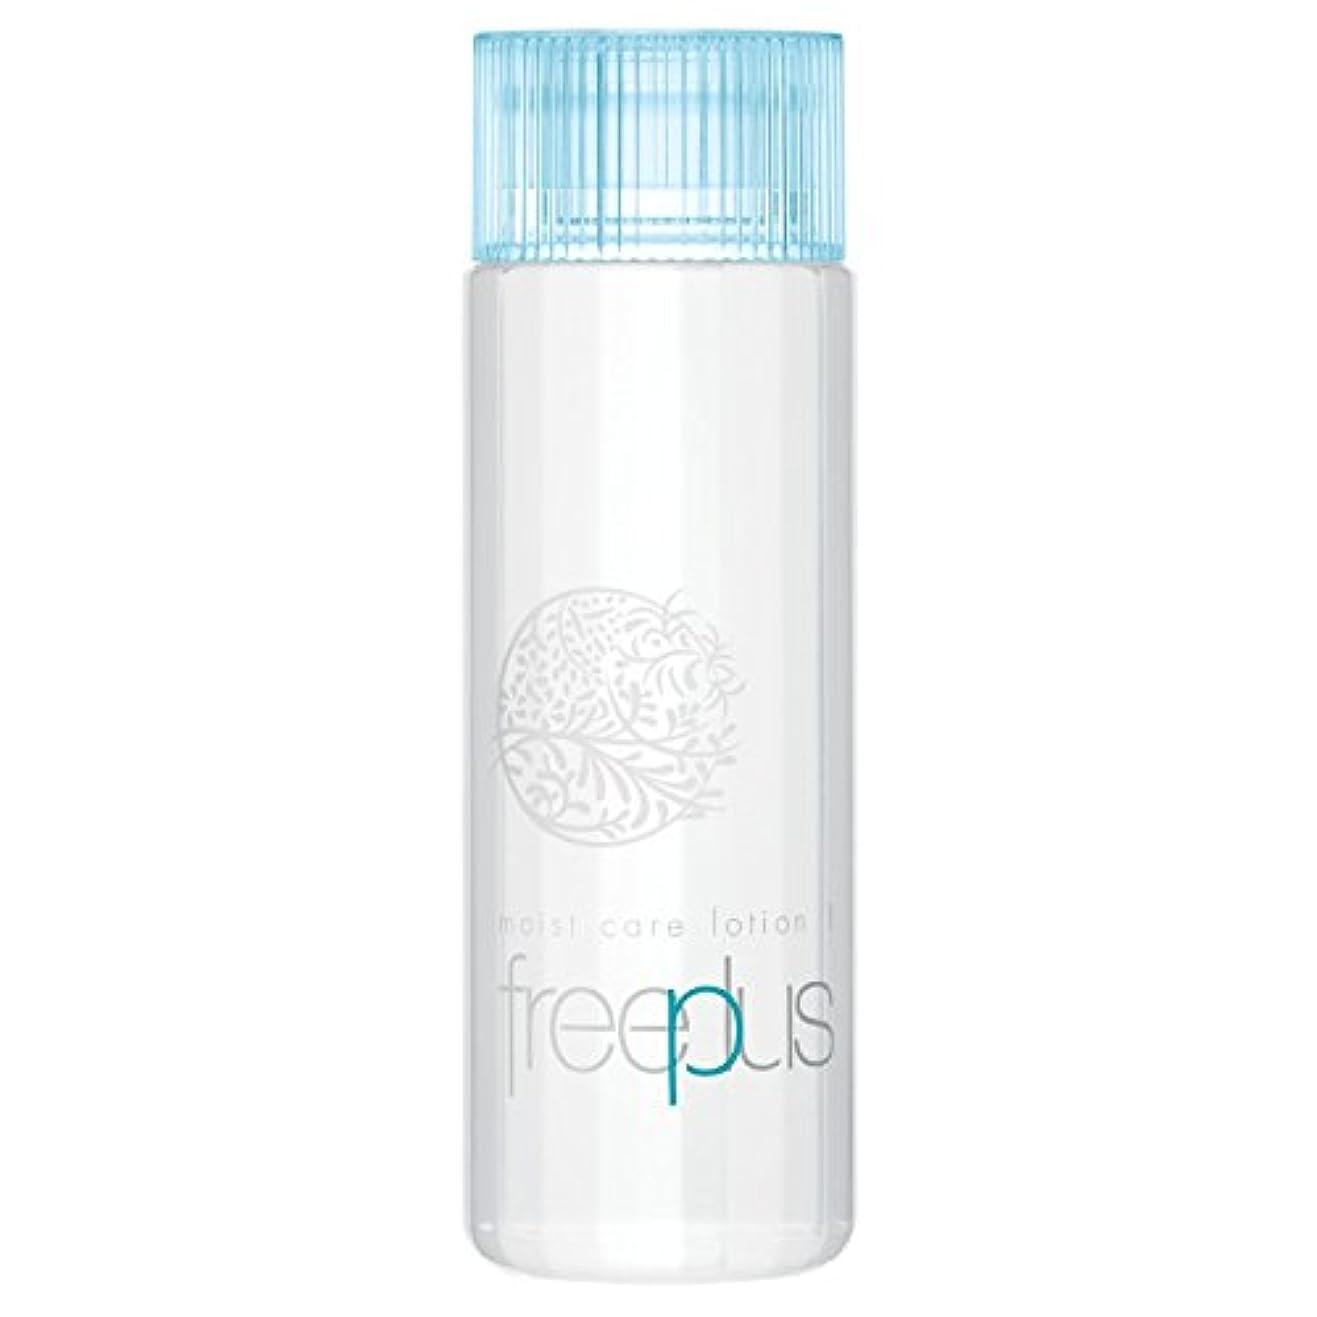 オピエートおなじみの電子レンジフリープラス モイストケアローション1(さっぱりタイプ)(化粧水)